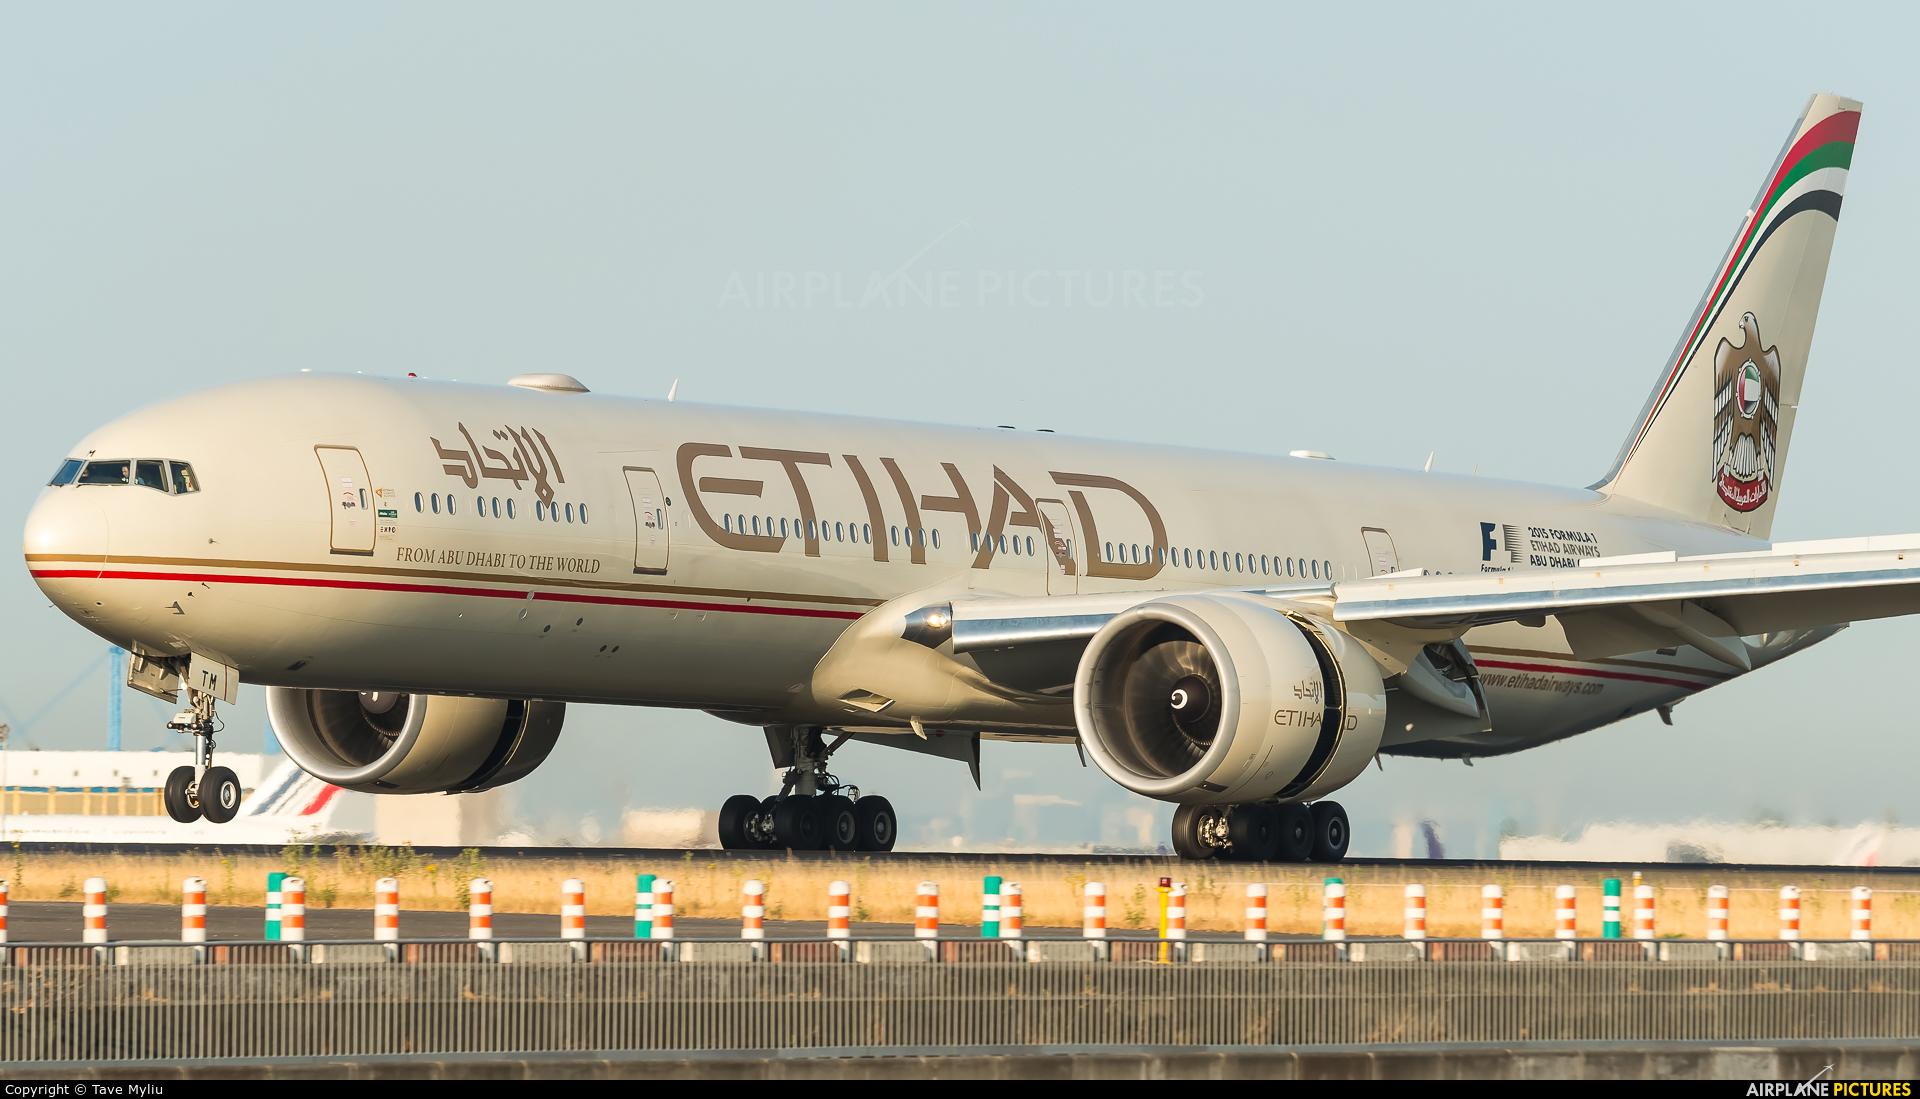 Etihad Airways A6-ETM aircraft at Paris - Charles de Gaulle